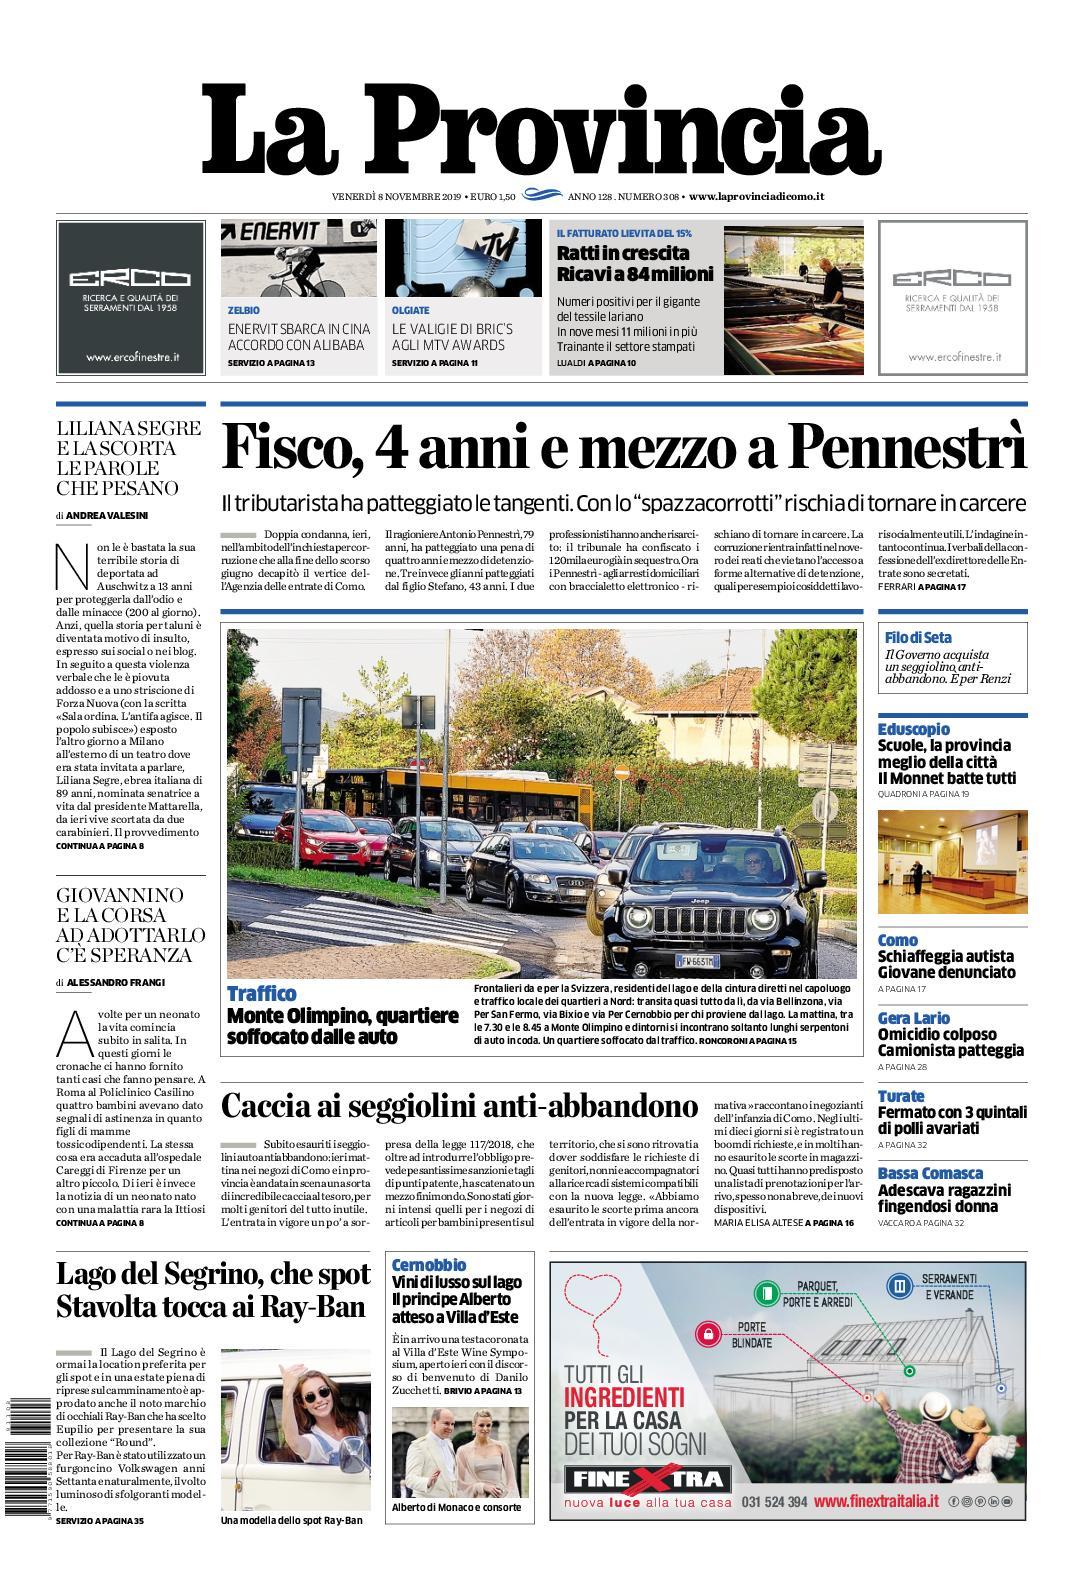 FERRARI F50 Auto in Scala 1//43RD modello 2 PORTE VERSIONE ITALIANA SPORTIVA GIALLO R 0154 x {}